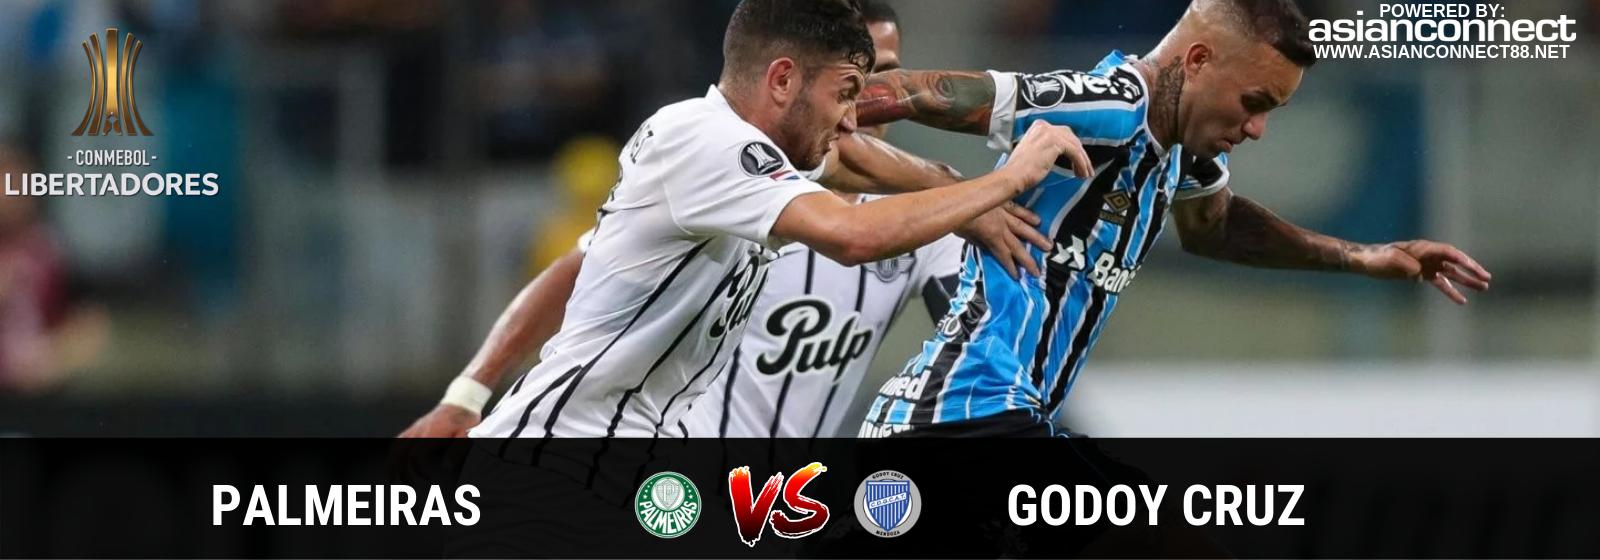 Copa Libertadores Palmeiras Vs Godoy Cruz Asian Connect